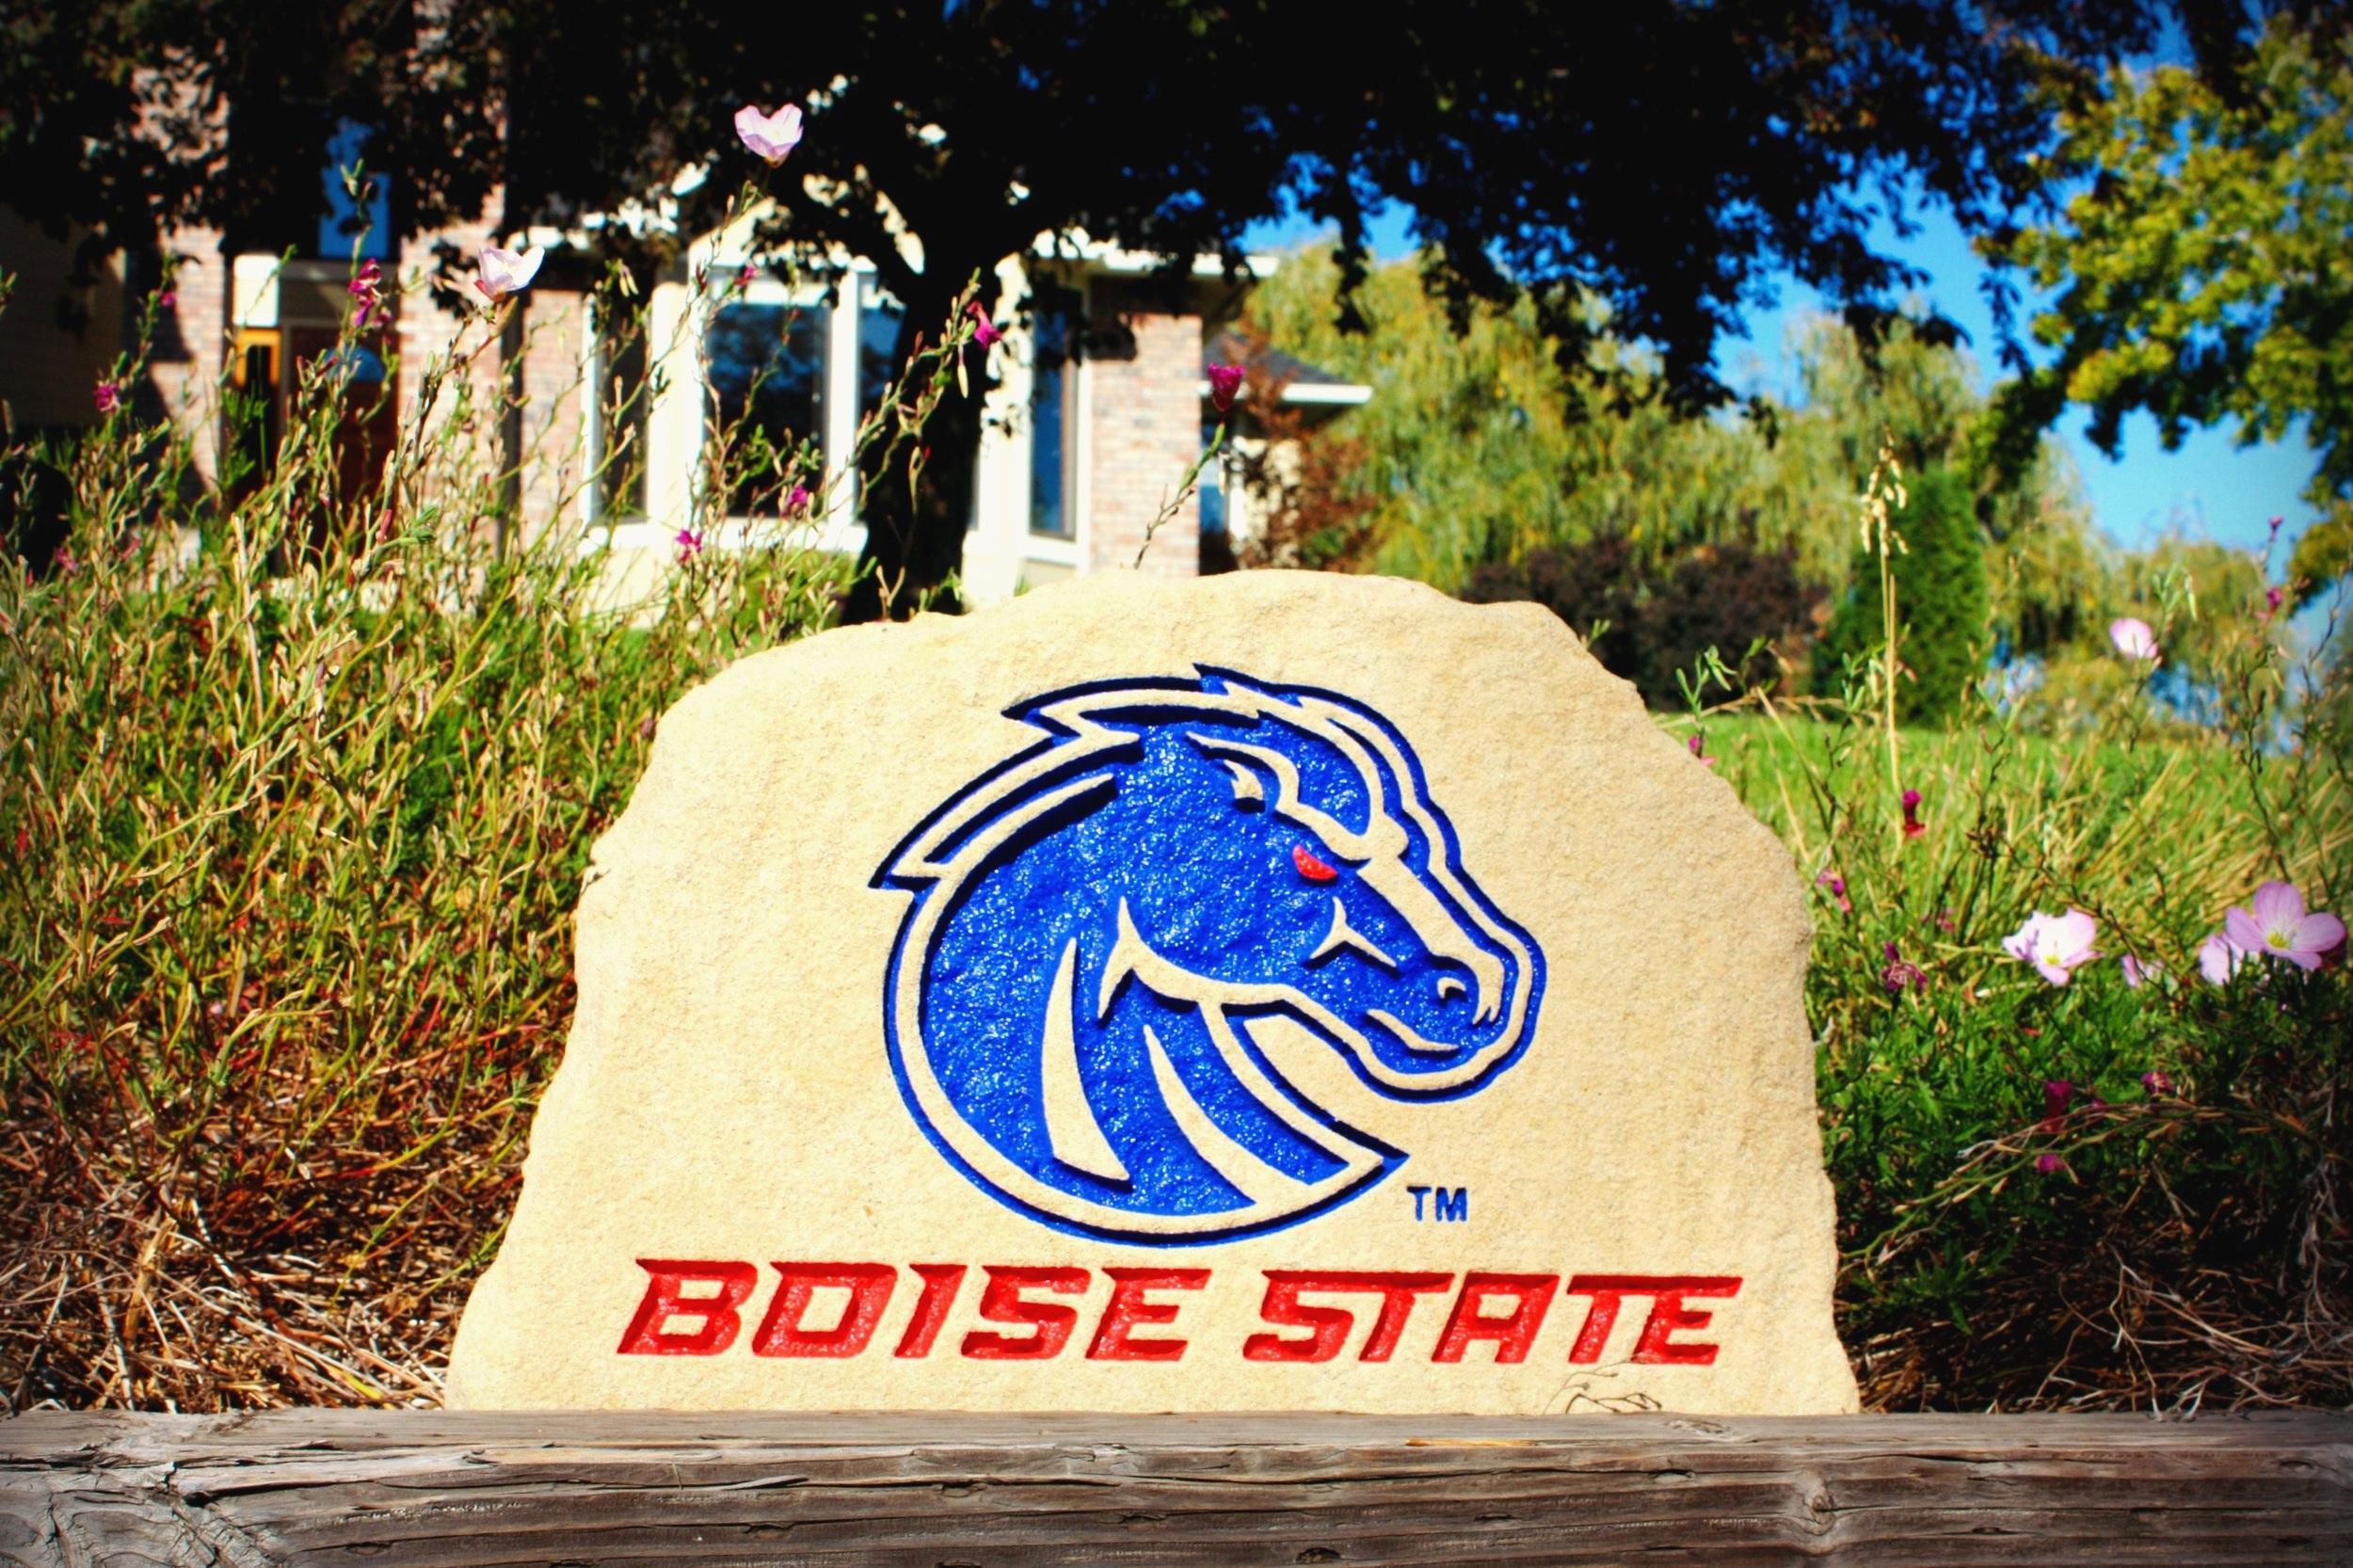 Boise State University FanRock